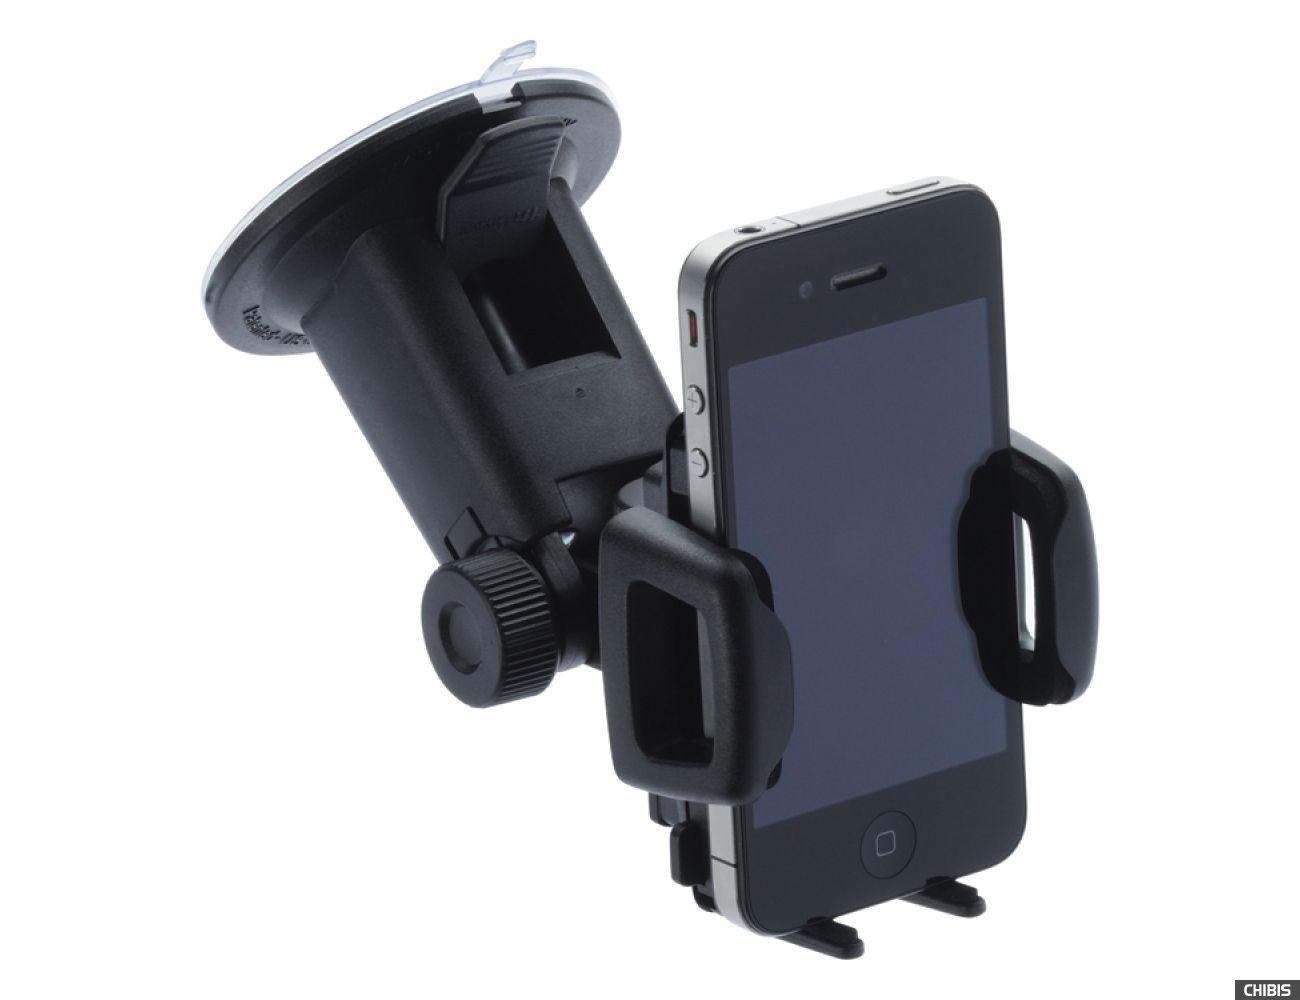 Автодержатель на торпедо iGrip Extender Kit (T5-1263) для смартфонов